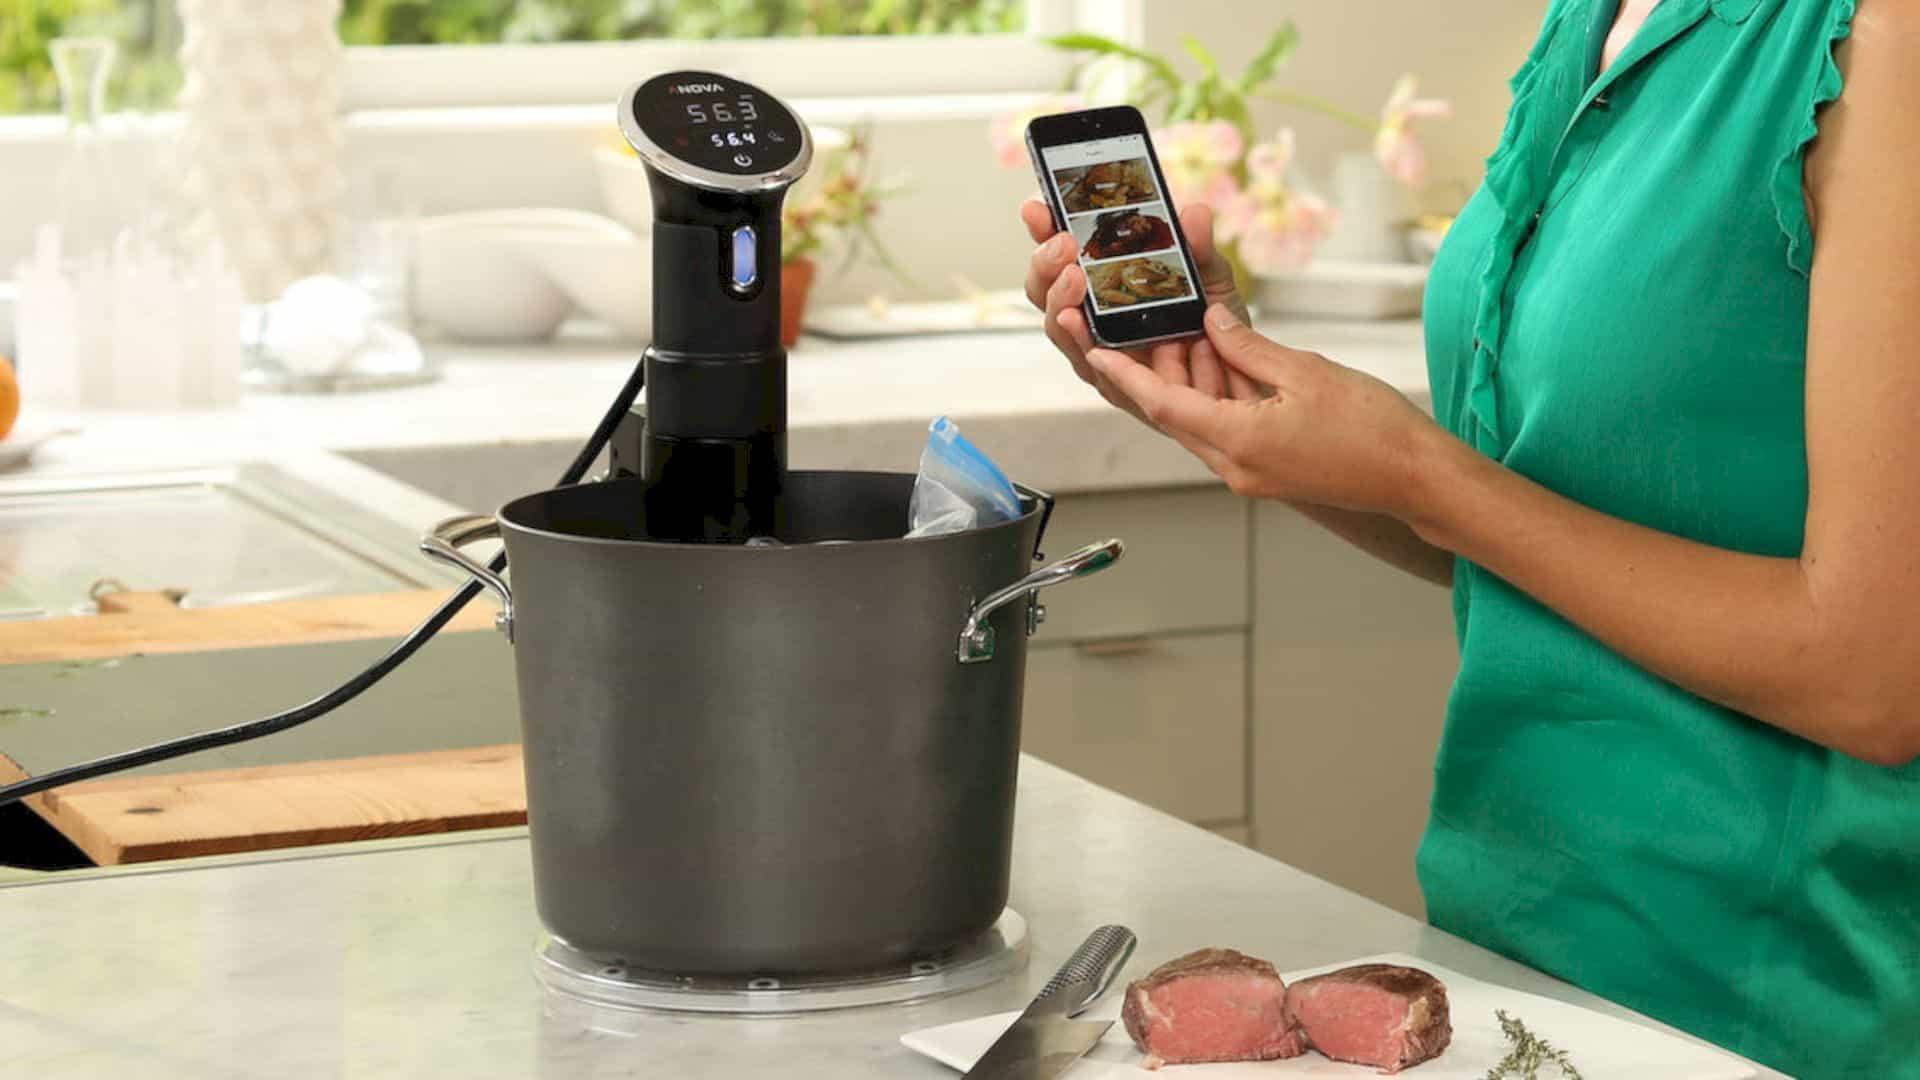 Anova Precision Cooker 1